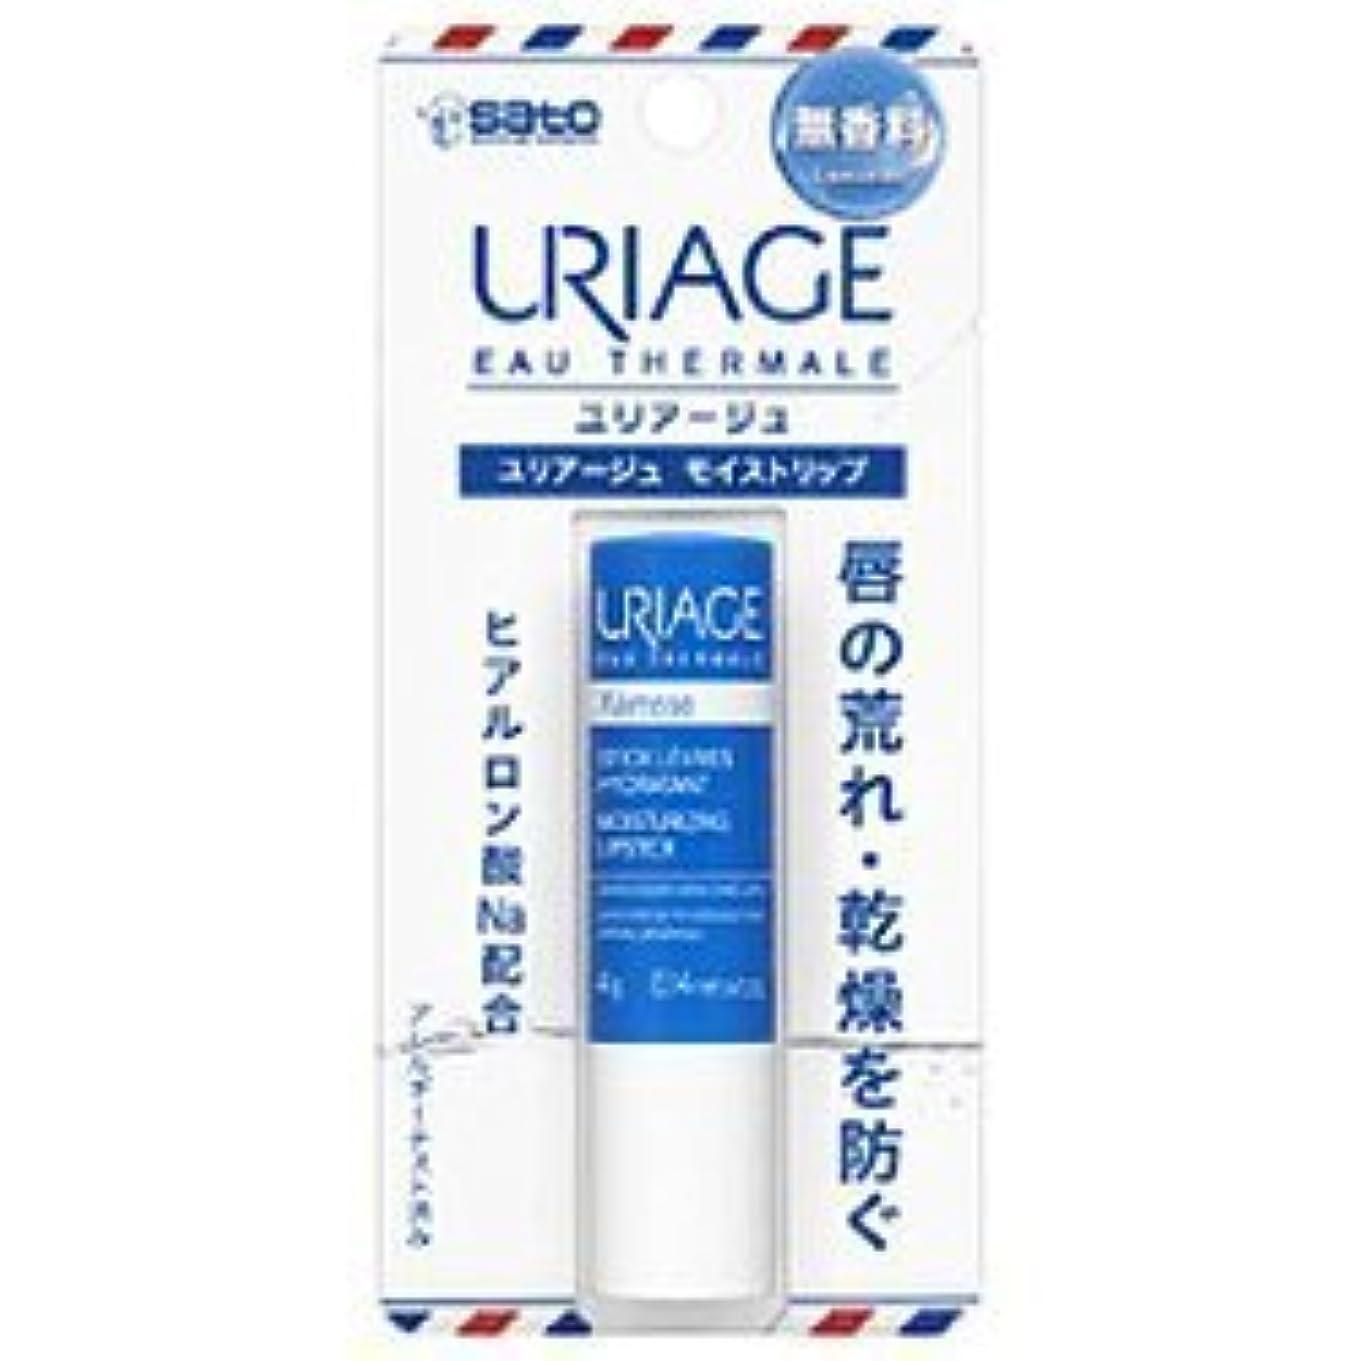 消毒剤服を洗う青【佐藤製薬】URIAGE (ユリアージュ) モイストリップ 4g <無香料>?×5